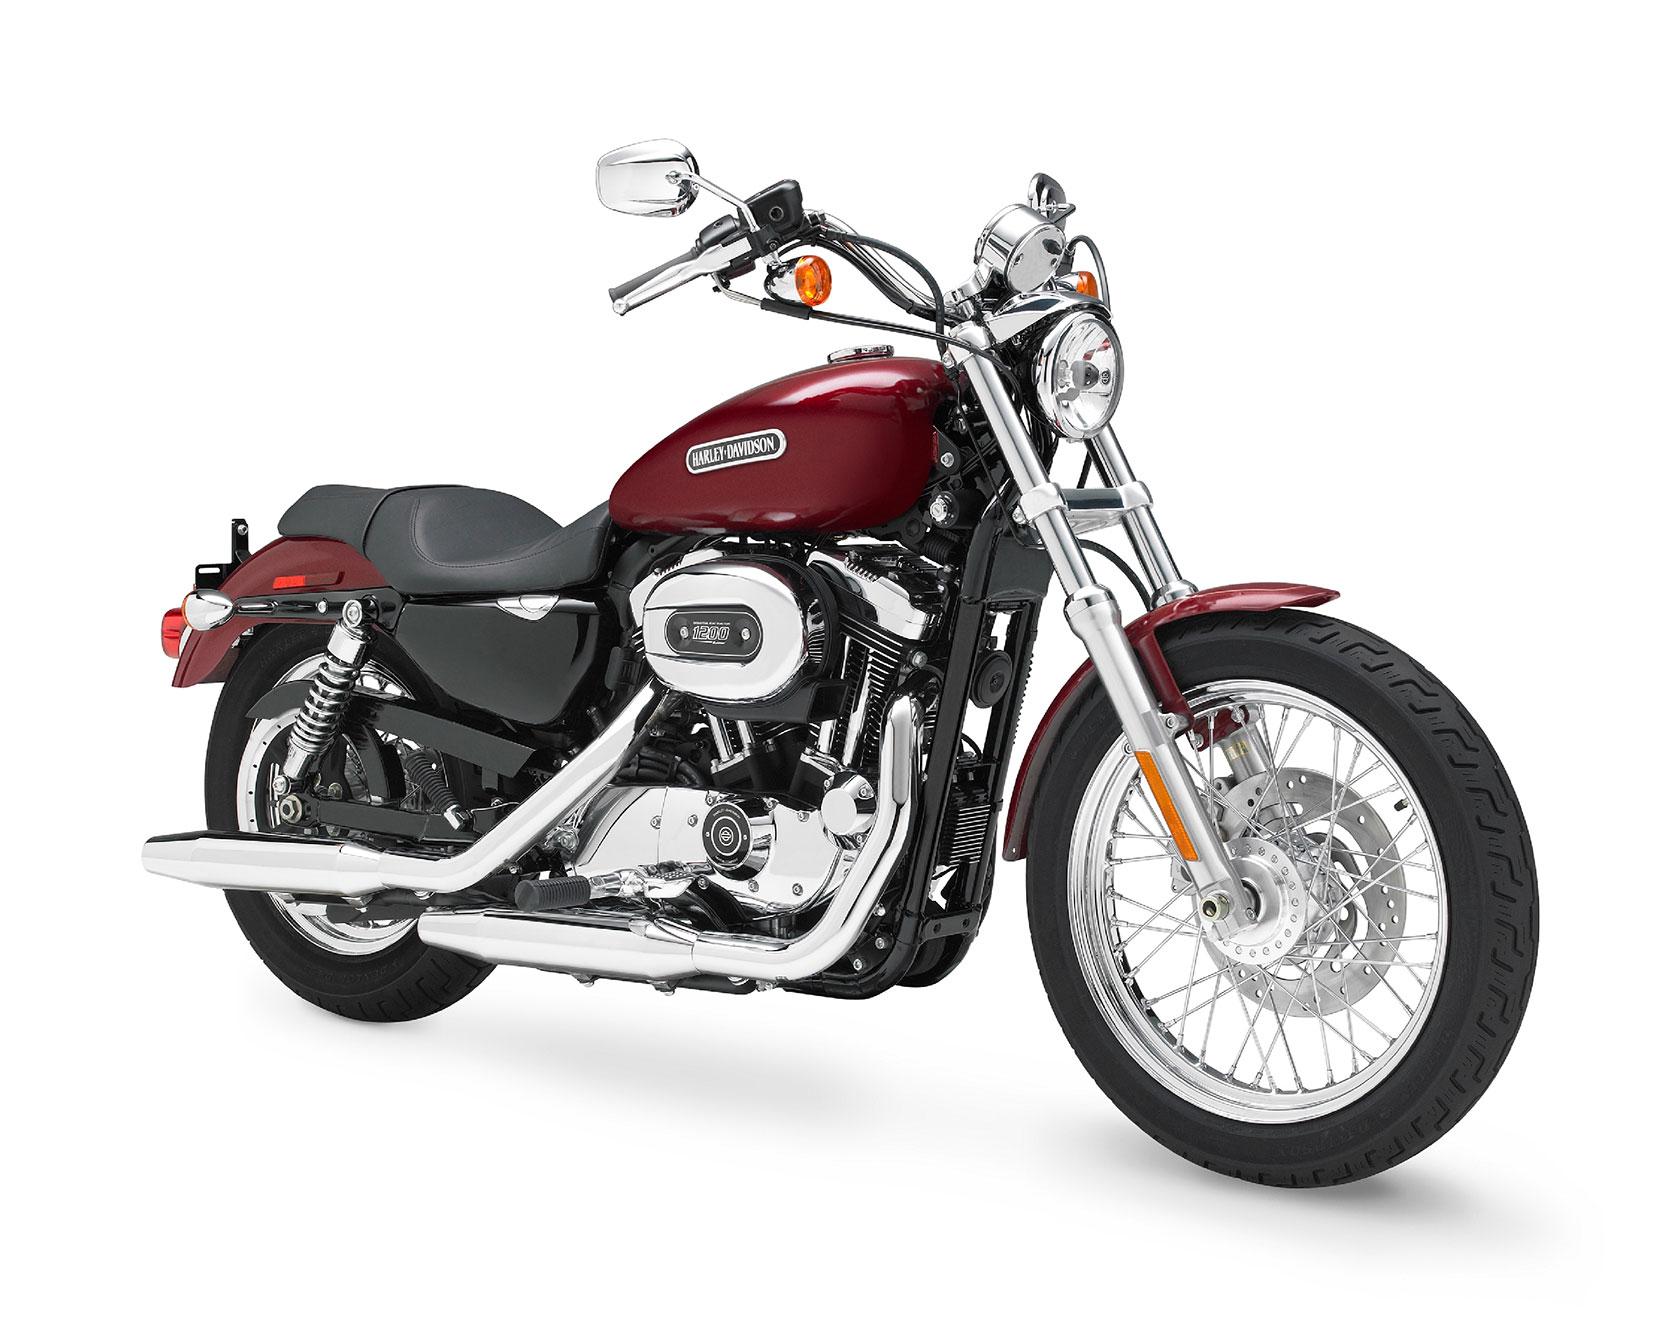 Hog-Crazy 2010 Harley-Davidson Sporster 1200L -XL1200L-a http://hog-crazy.freehostia.com